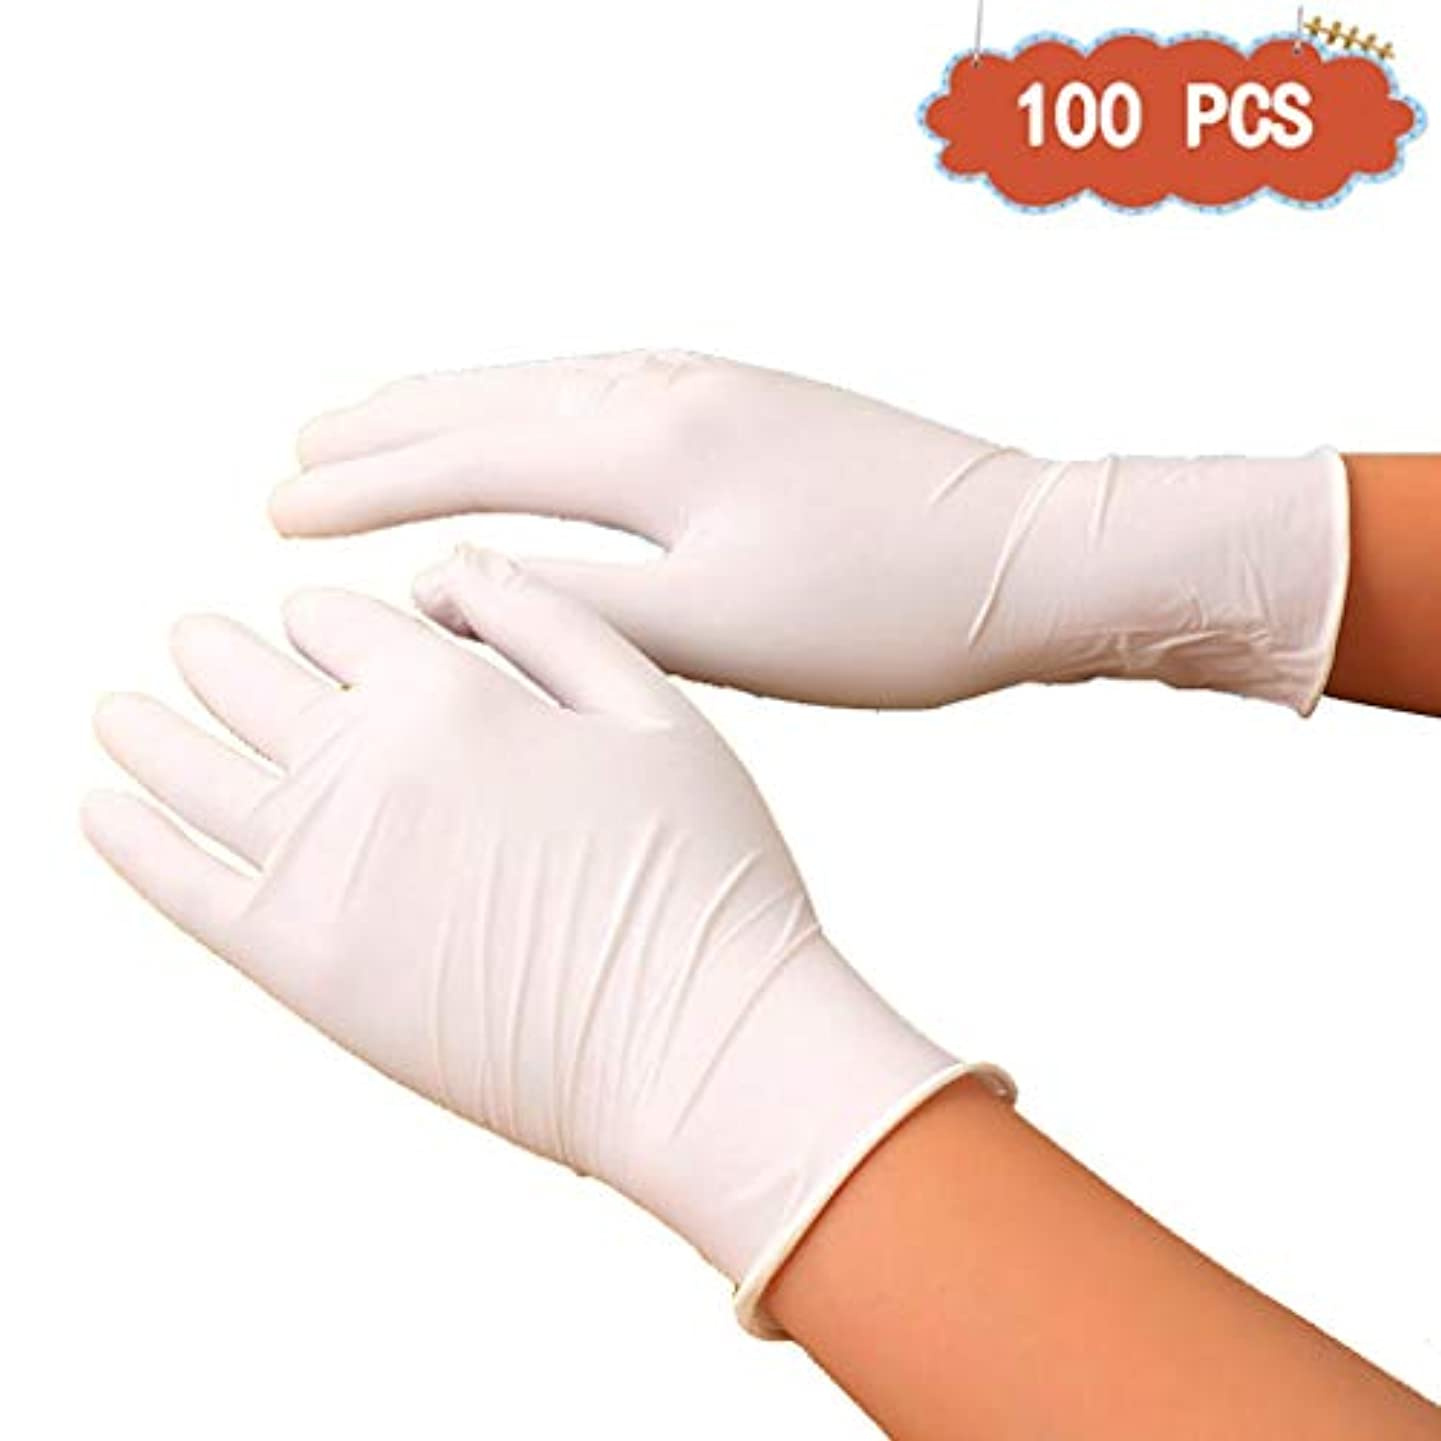 きらめく独立した前書きニトリルホームクリーニングと酸とアルカリ使い捨て手袋ペットケアネイルアート検査保護実験、美容院ラテックスフリー、パウダーフリー、両手利き、100個 (Color : White, Size : M)